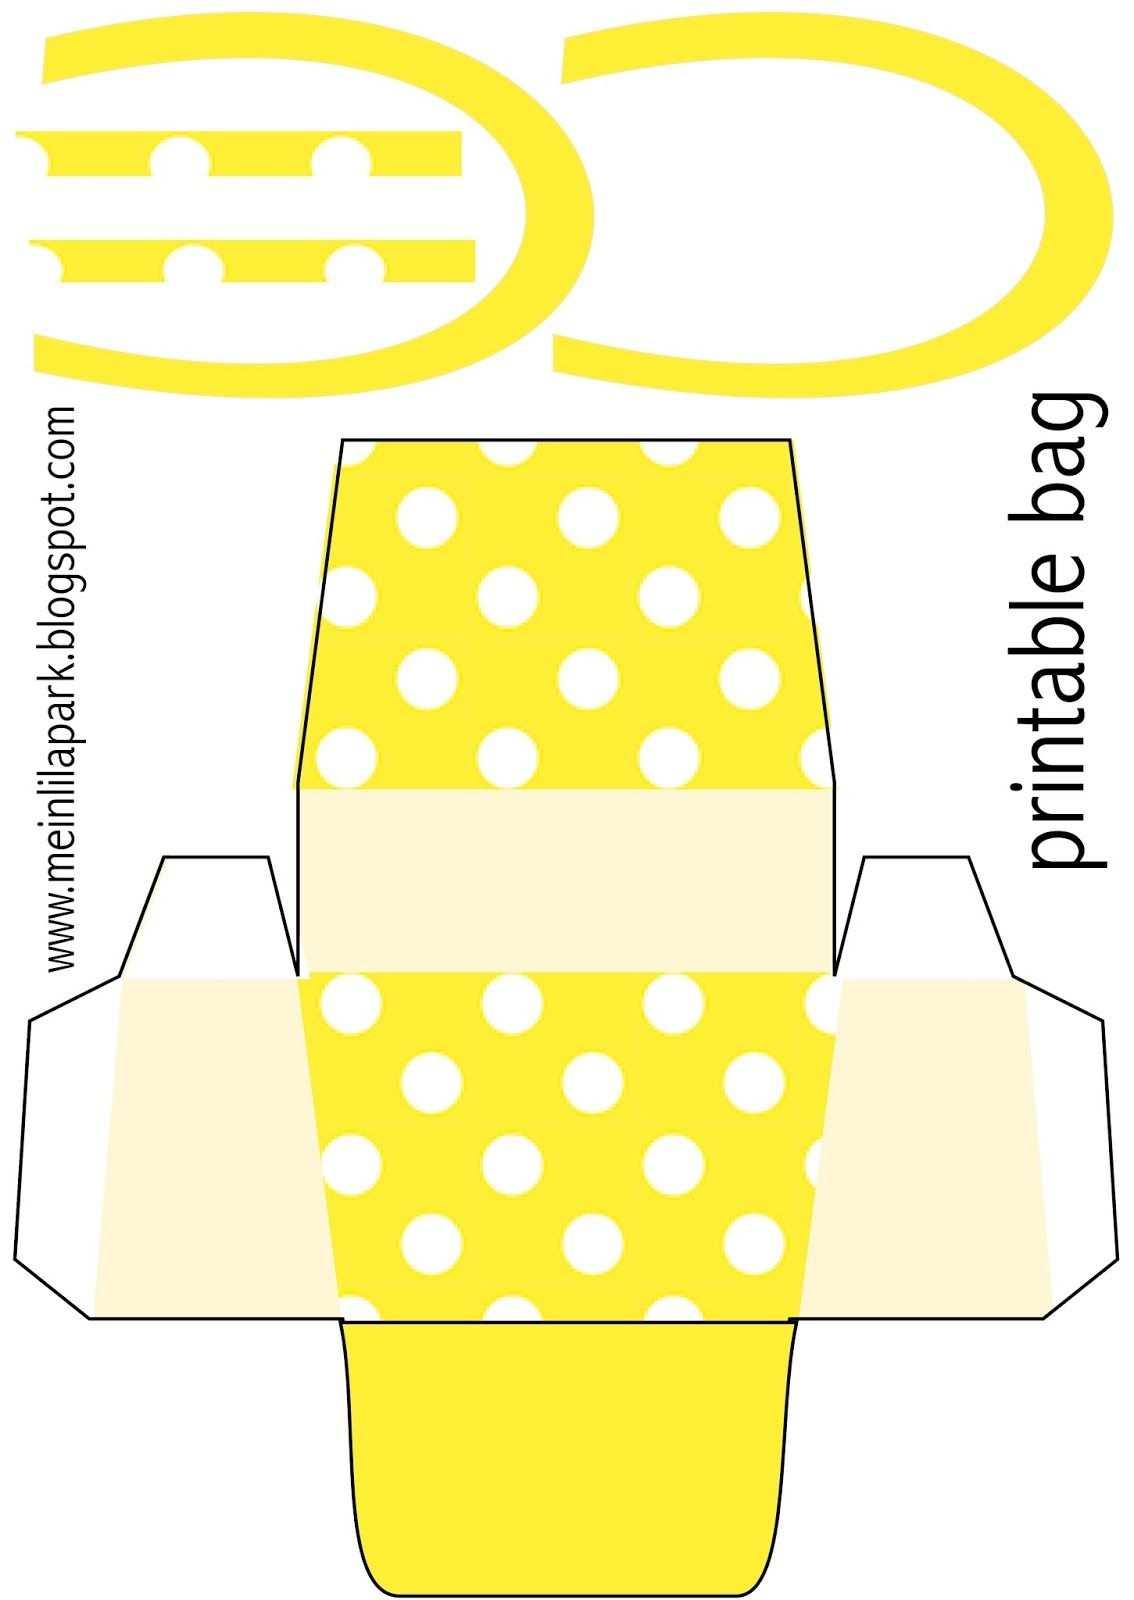 Free Printable Purse Box Ausdruckbare Geschenkschachtel Freebie Papiergeldbeutel Geschenkschachteln Und Druckvorlagen